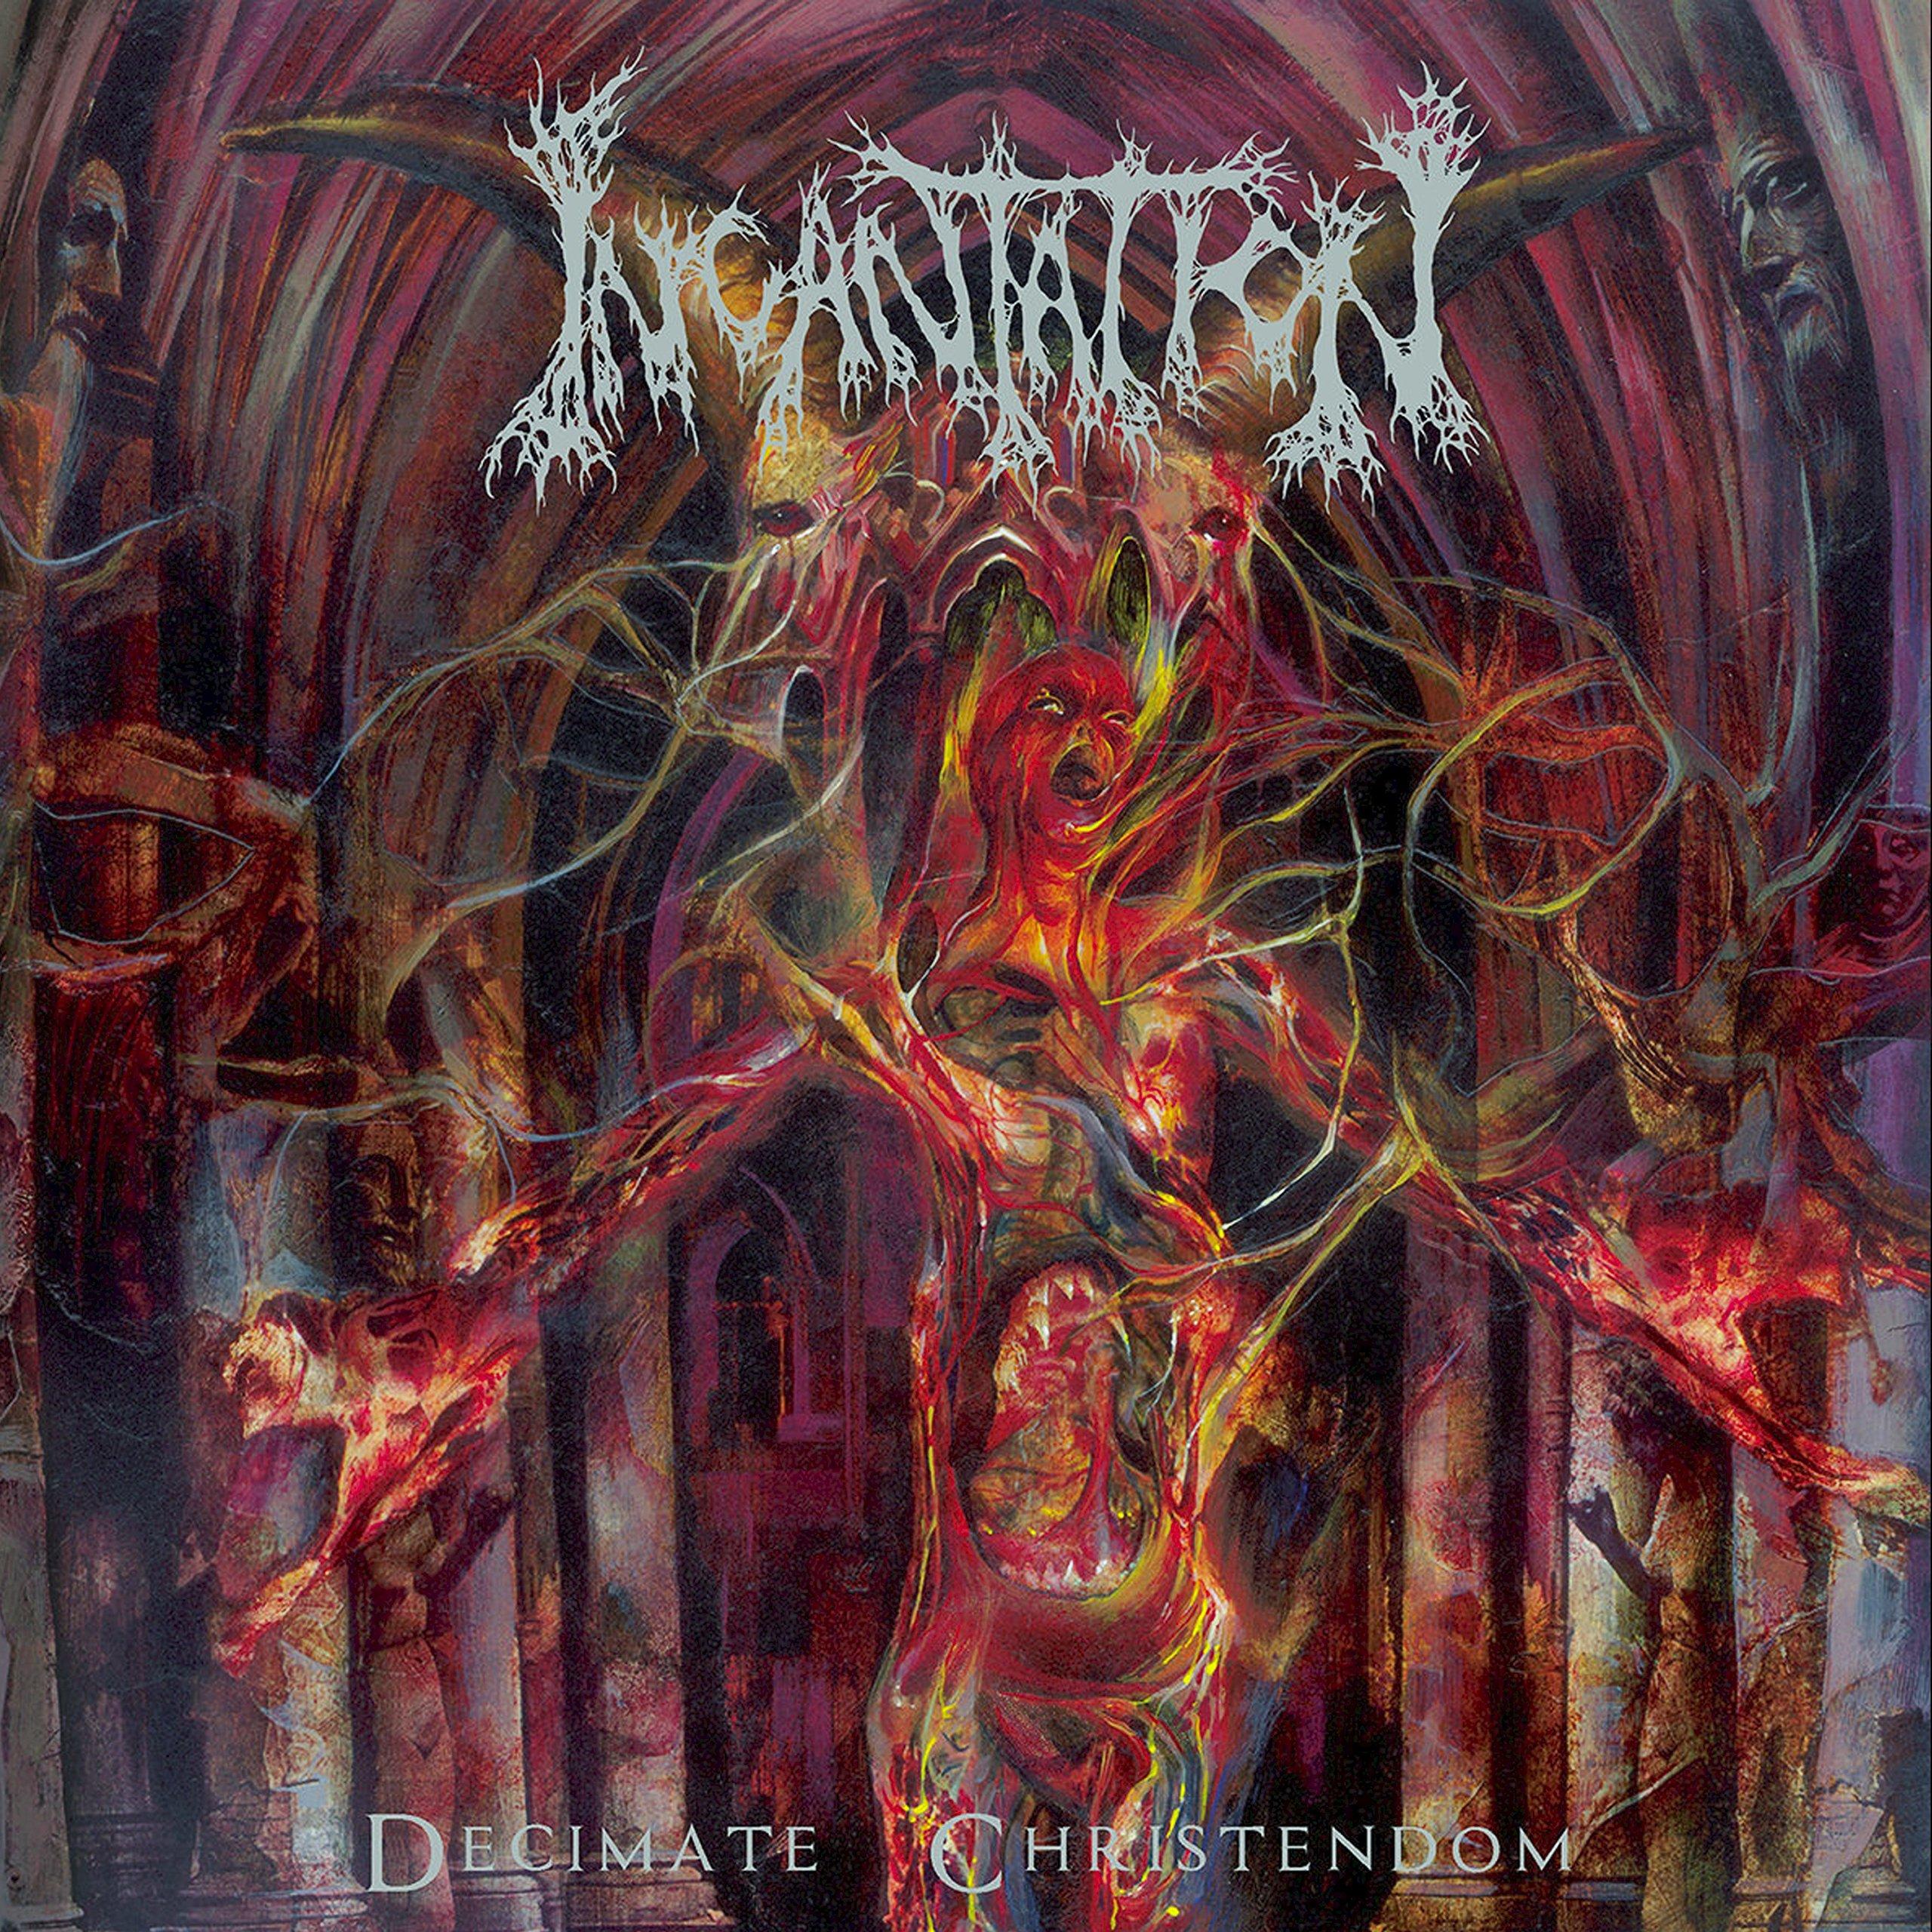 Incantation - Decimate Christendom (LP Vinyl)